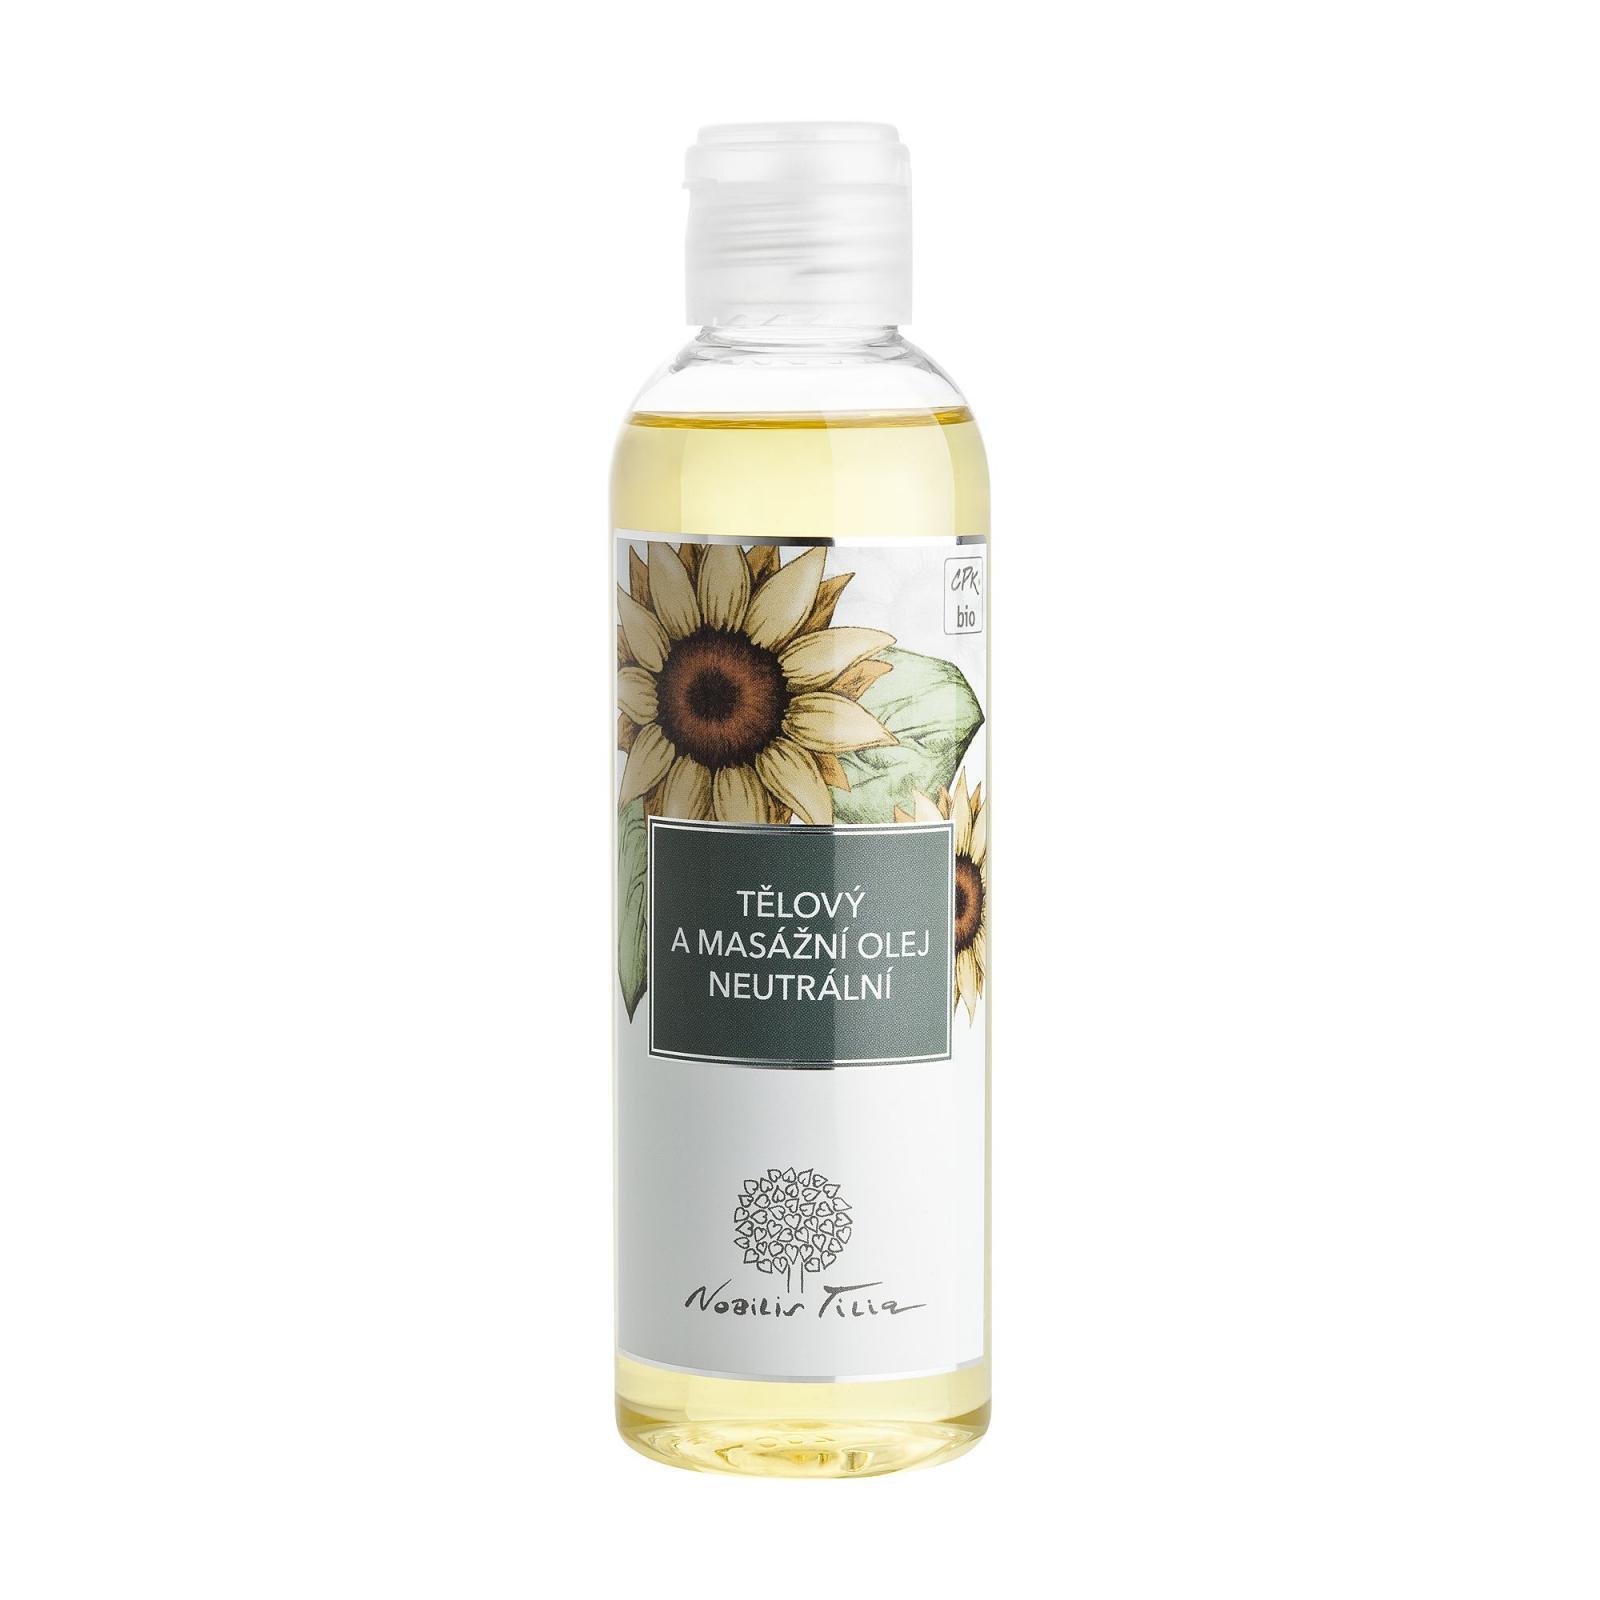 Nobilis Tilia Tělový a masážní olej Neutrální 200 ml